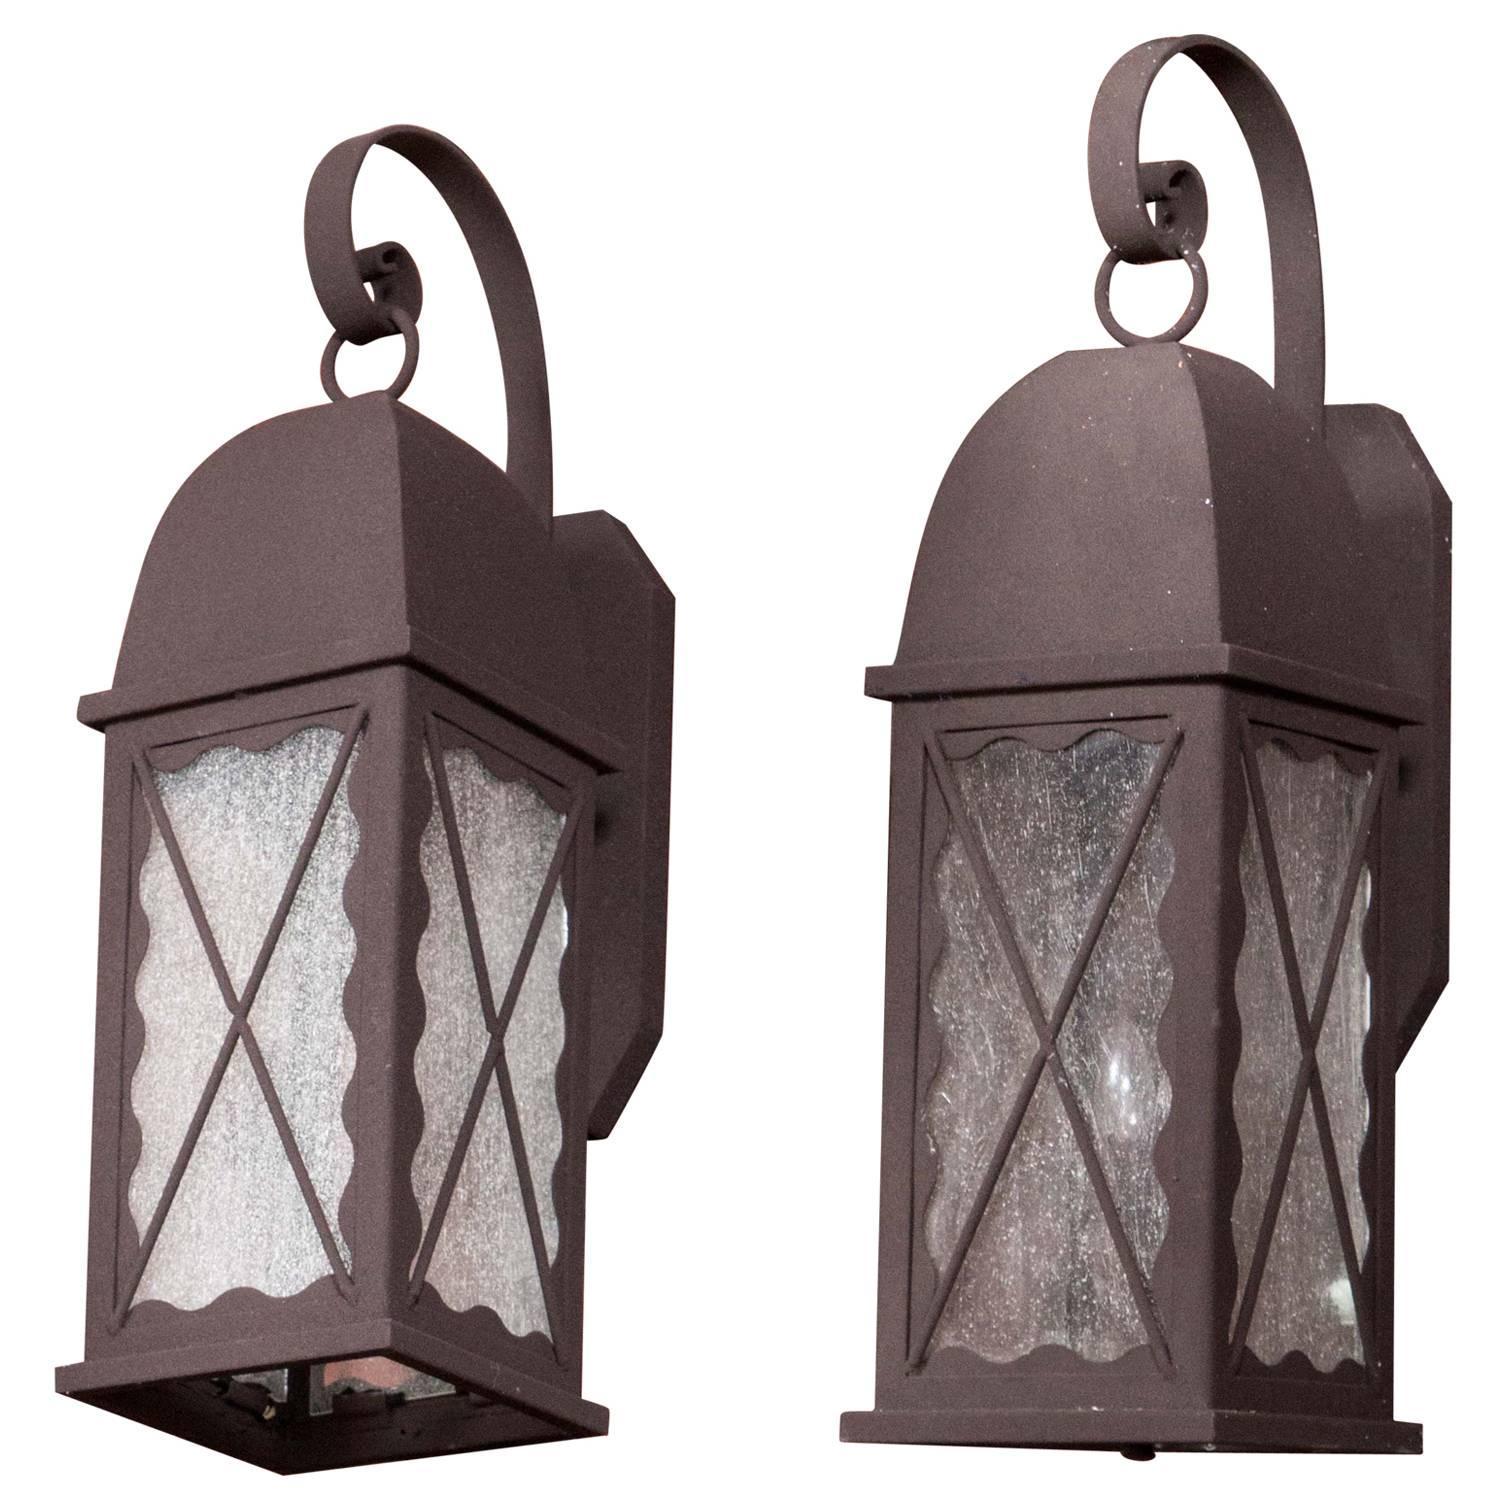 Pair of Iron Exterior Lantern Sconces